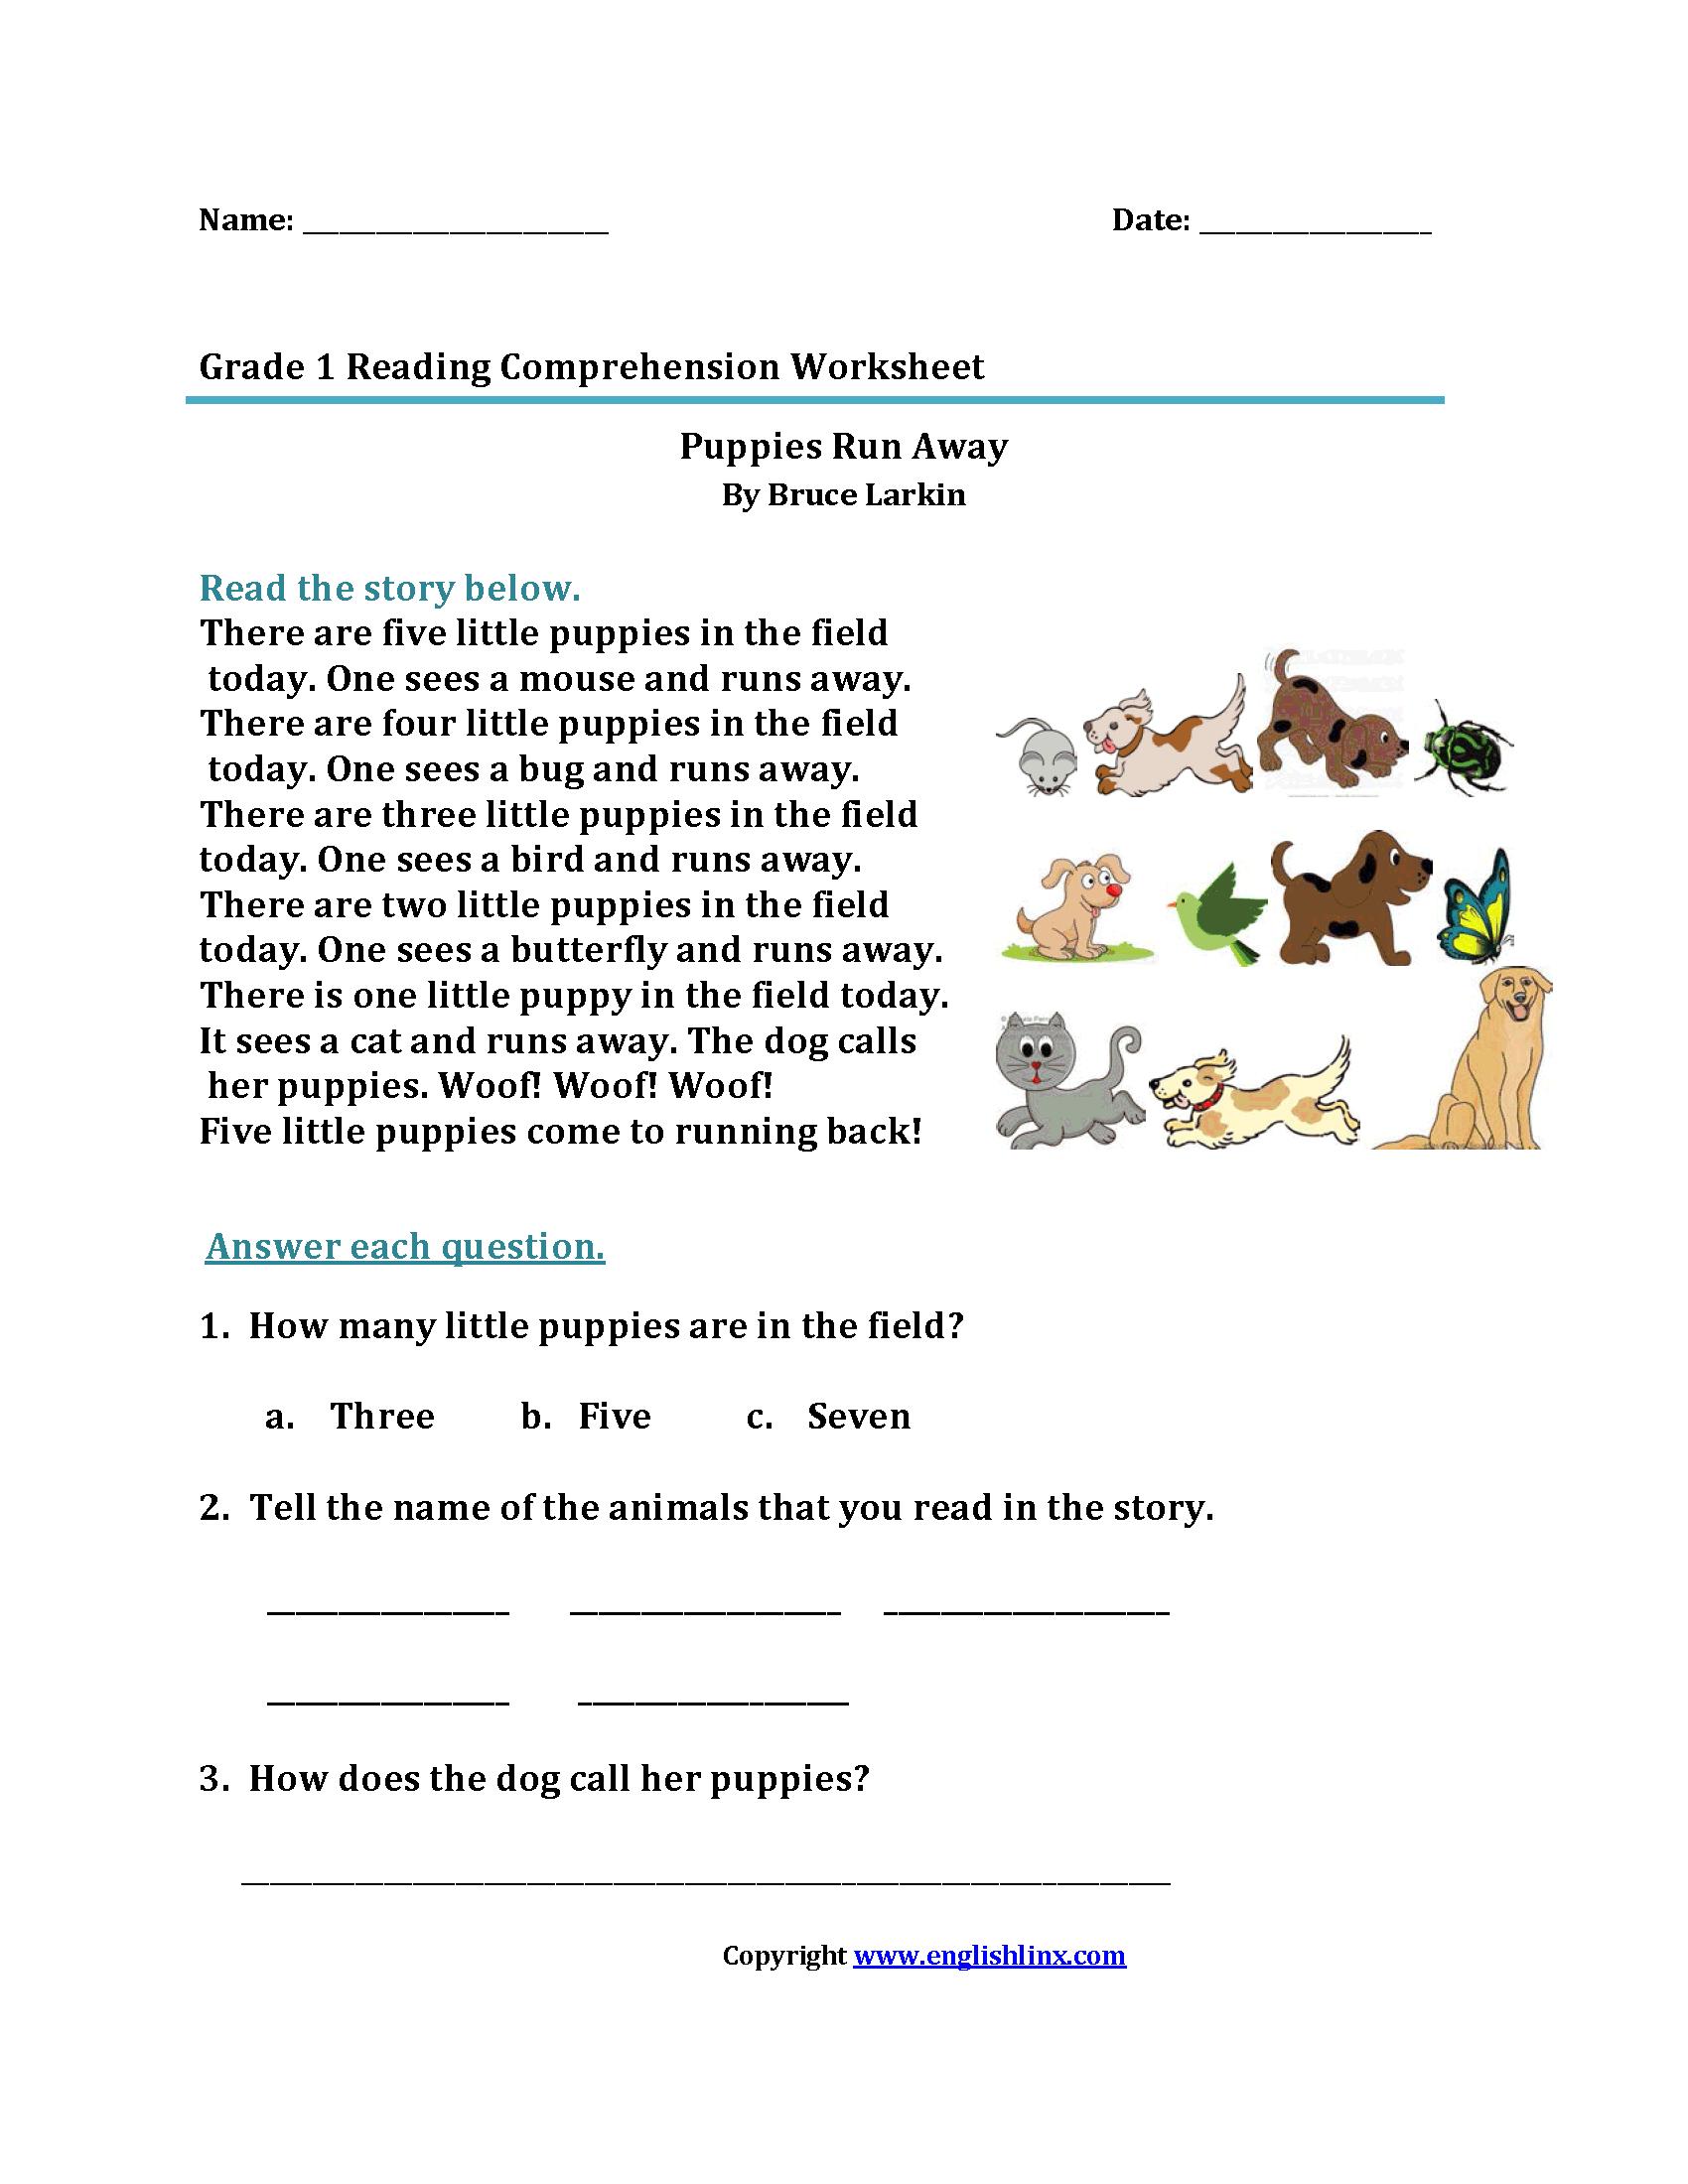 Reading Worksheets  First Grade Reading Worksheets Intended For Comprehension Worksheets For Grade 1